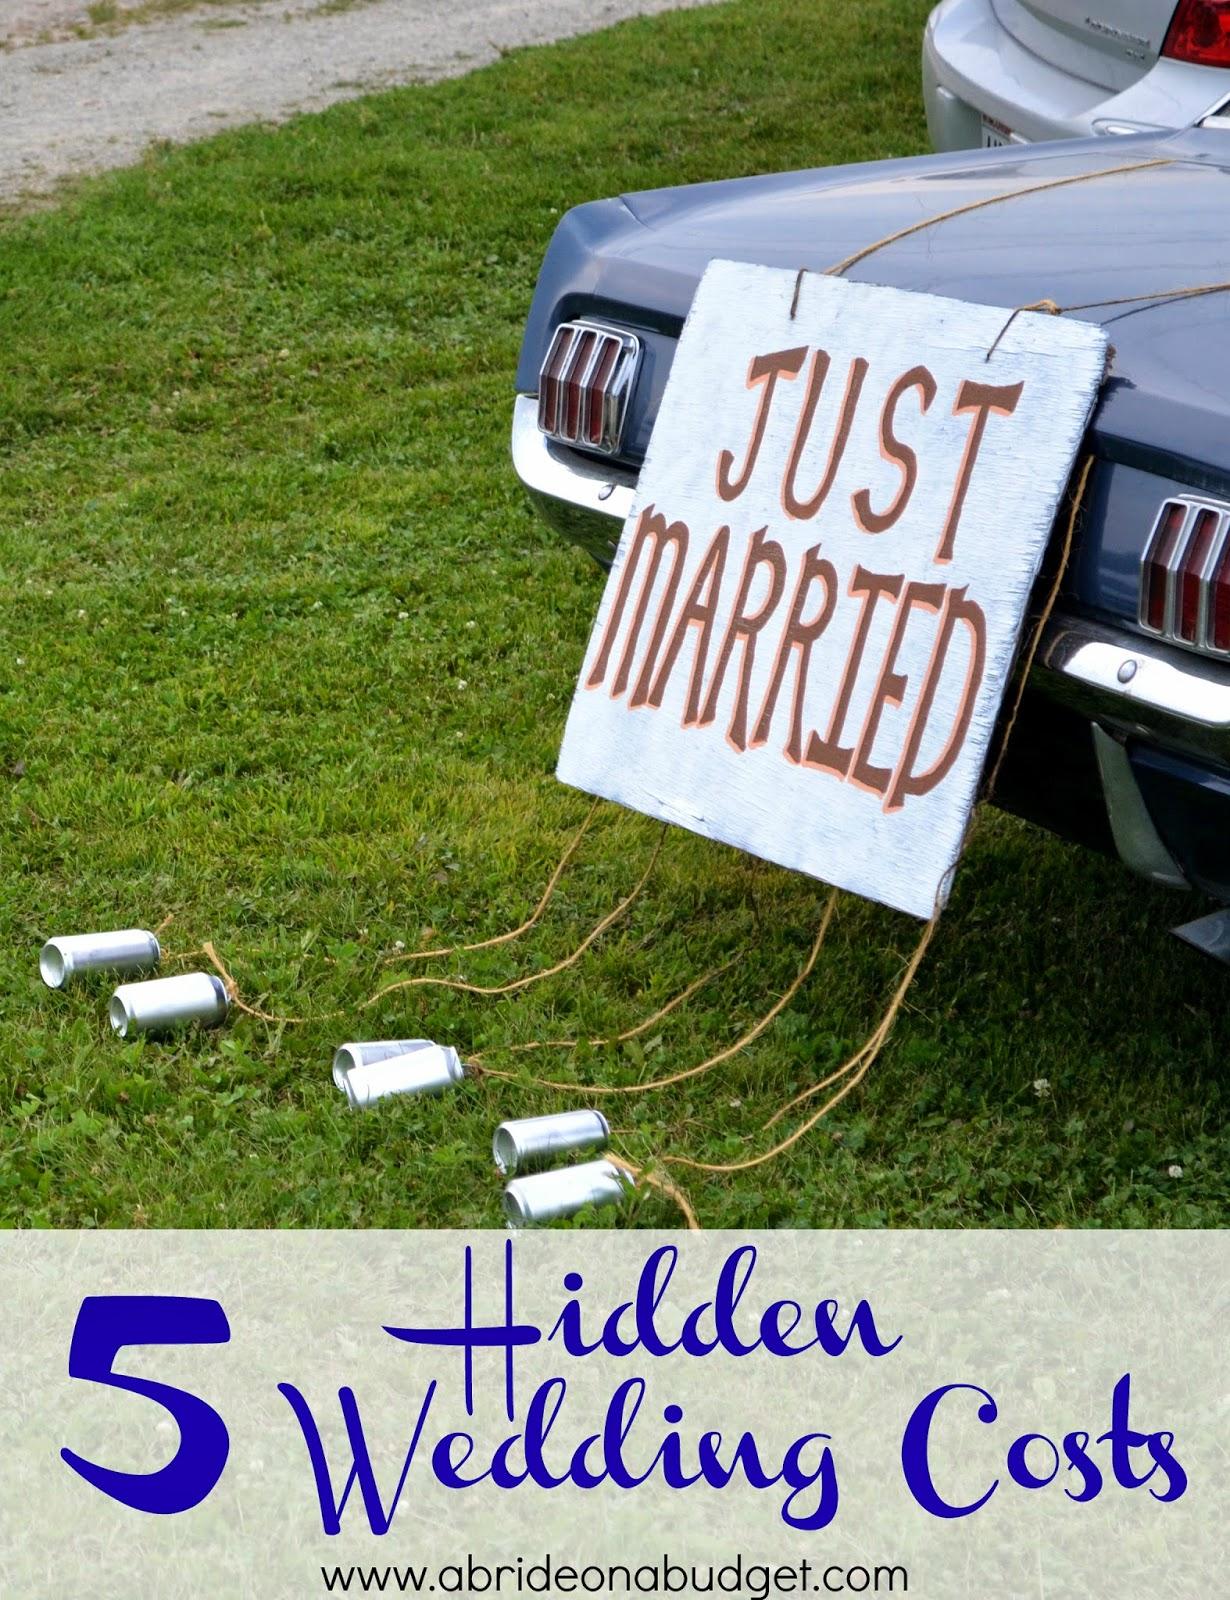 隐藏婚礼成本